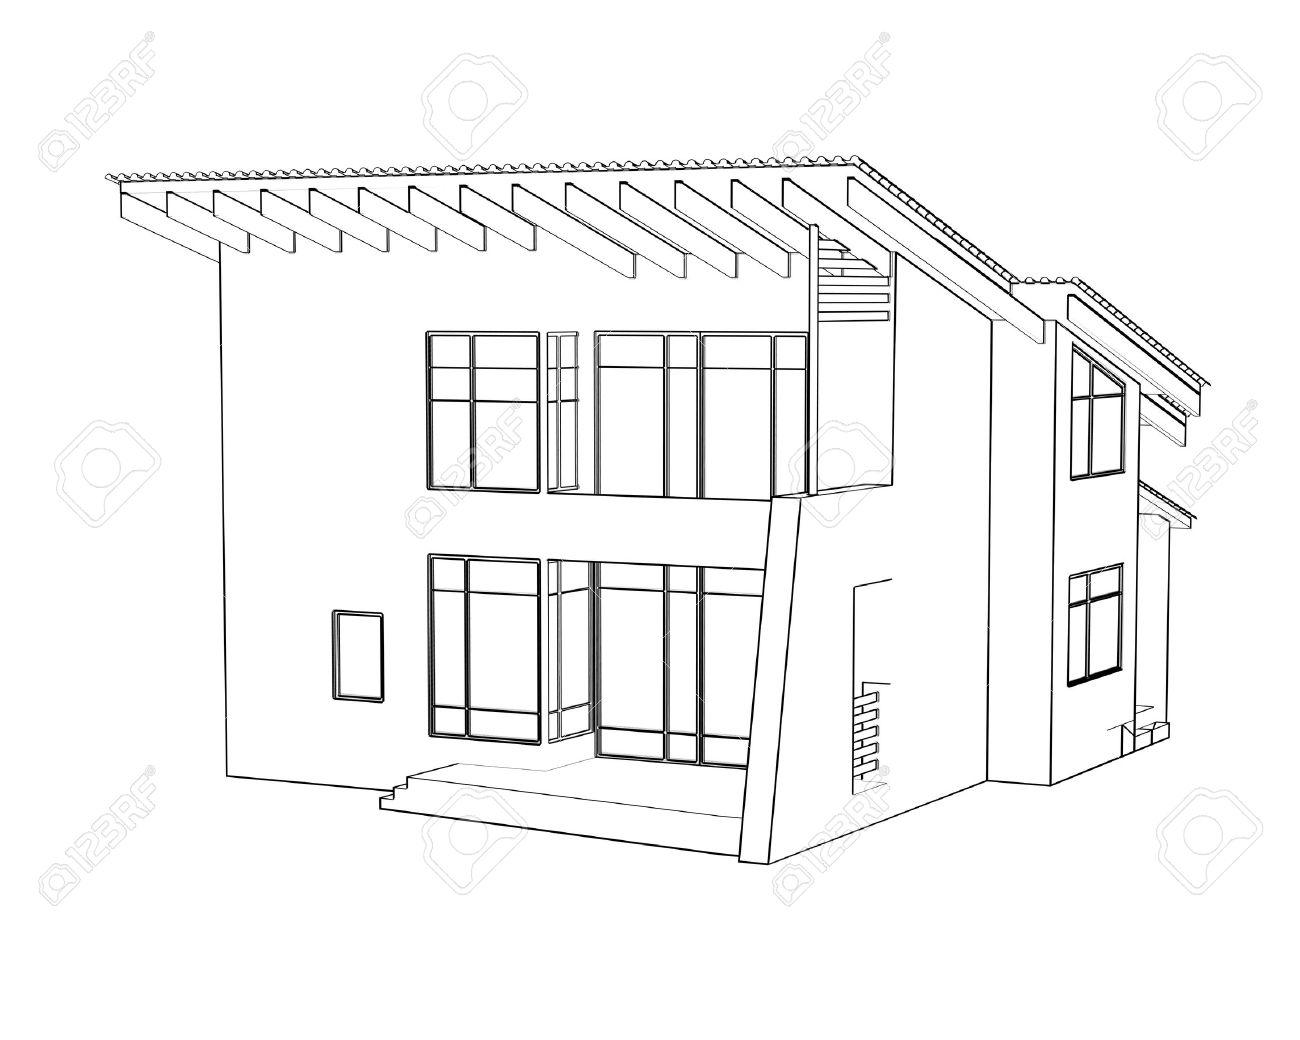 Banque Dimages Dessin Darchitecture à La Maison Dans La Perspective Cuisine  Plan Architecture